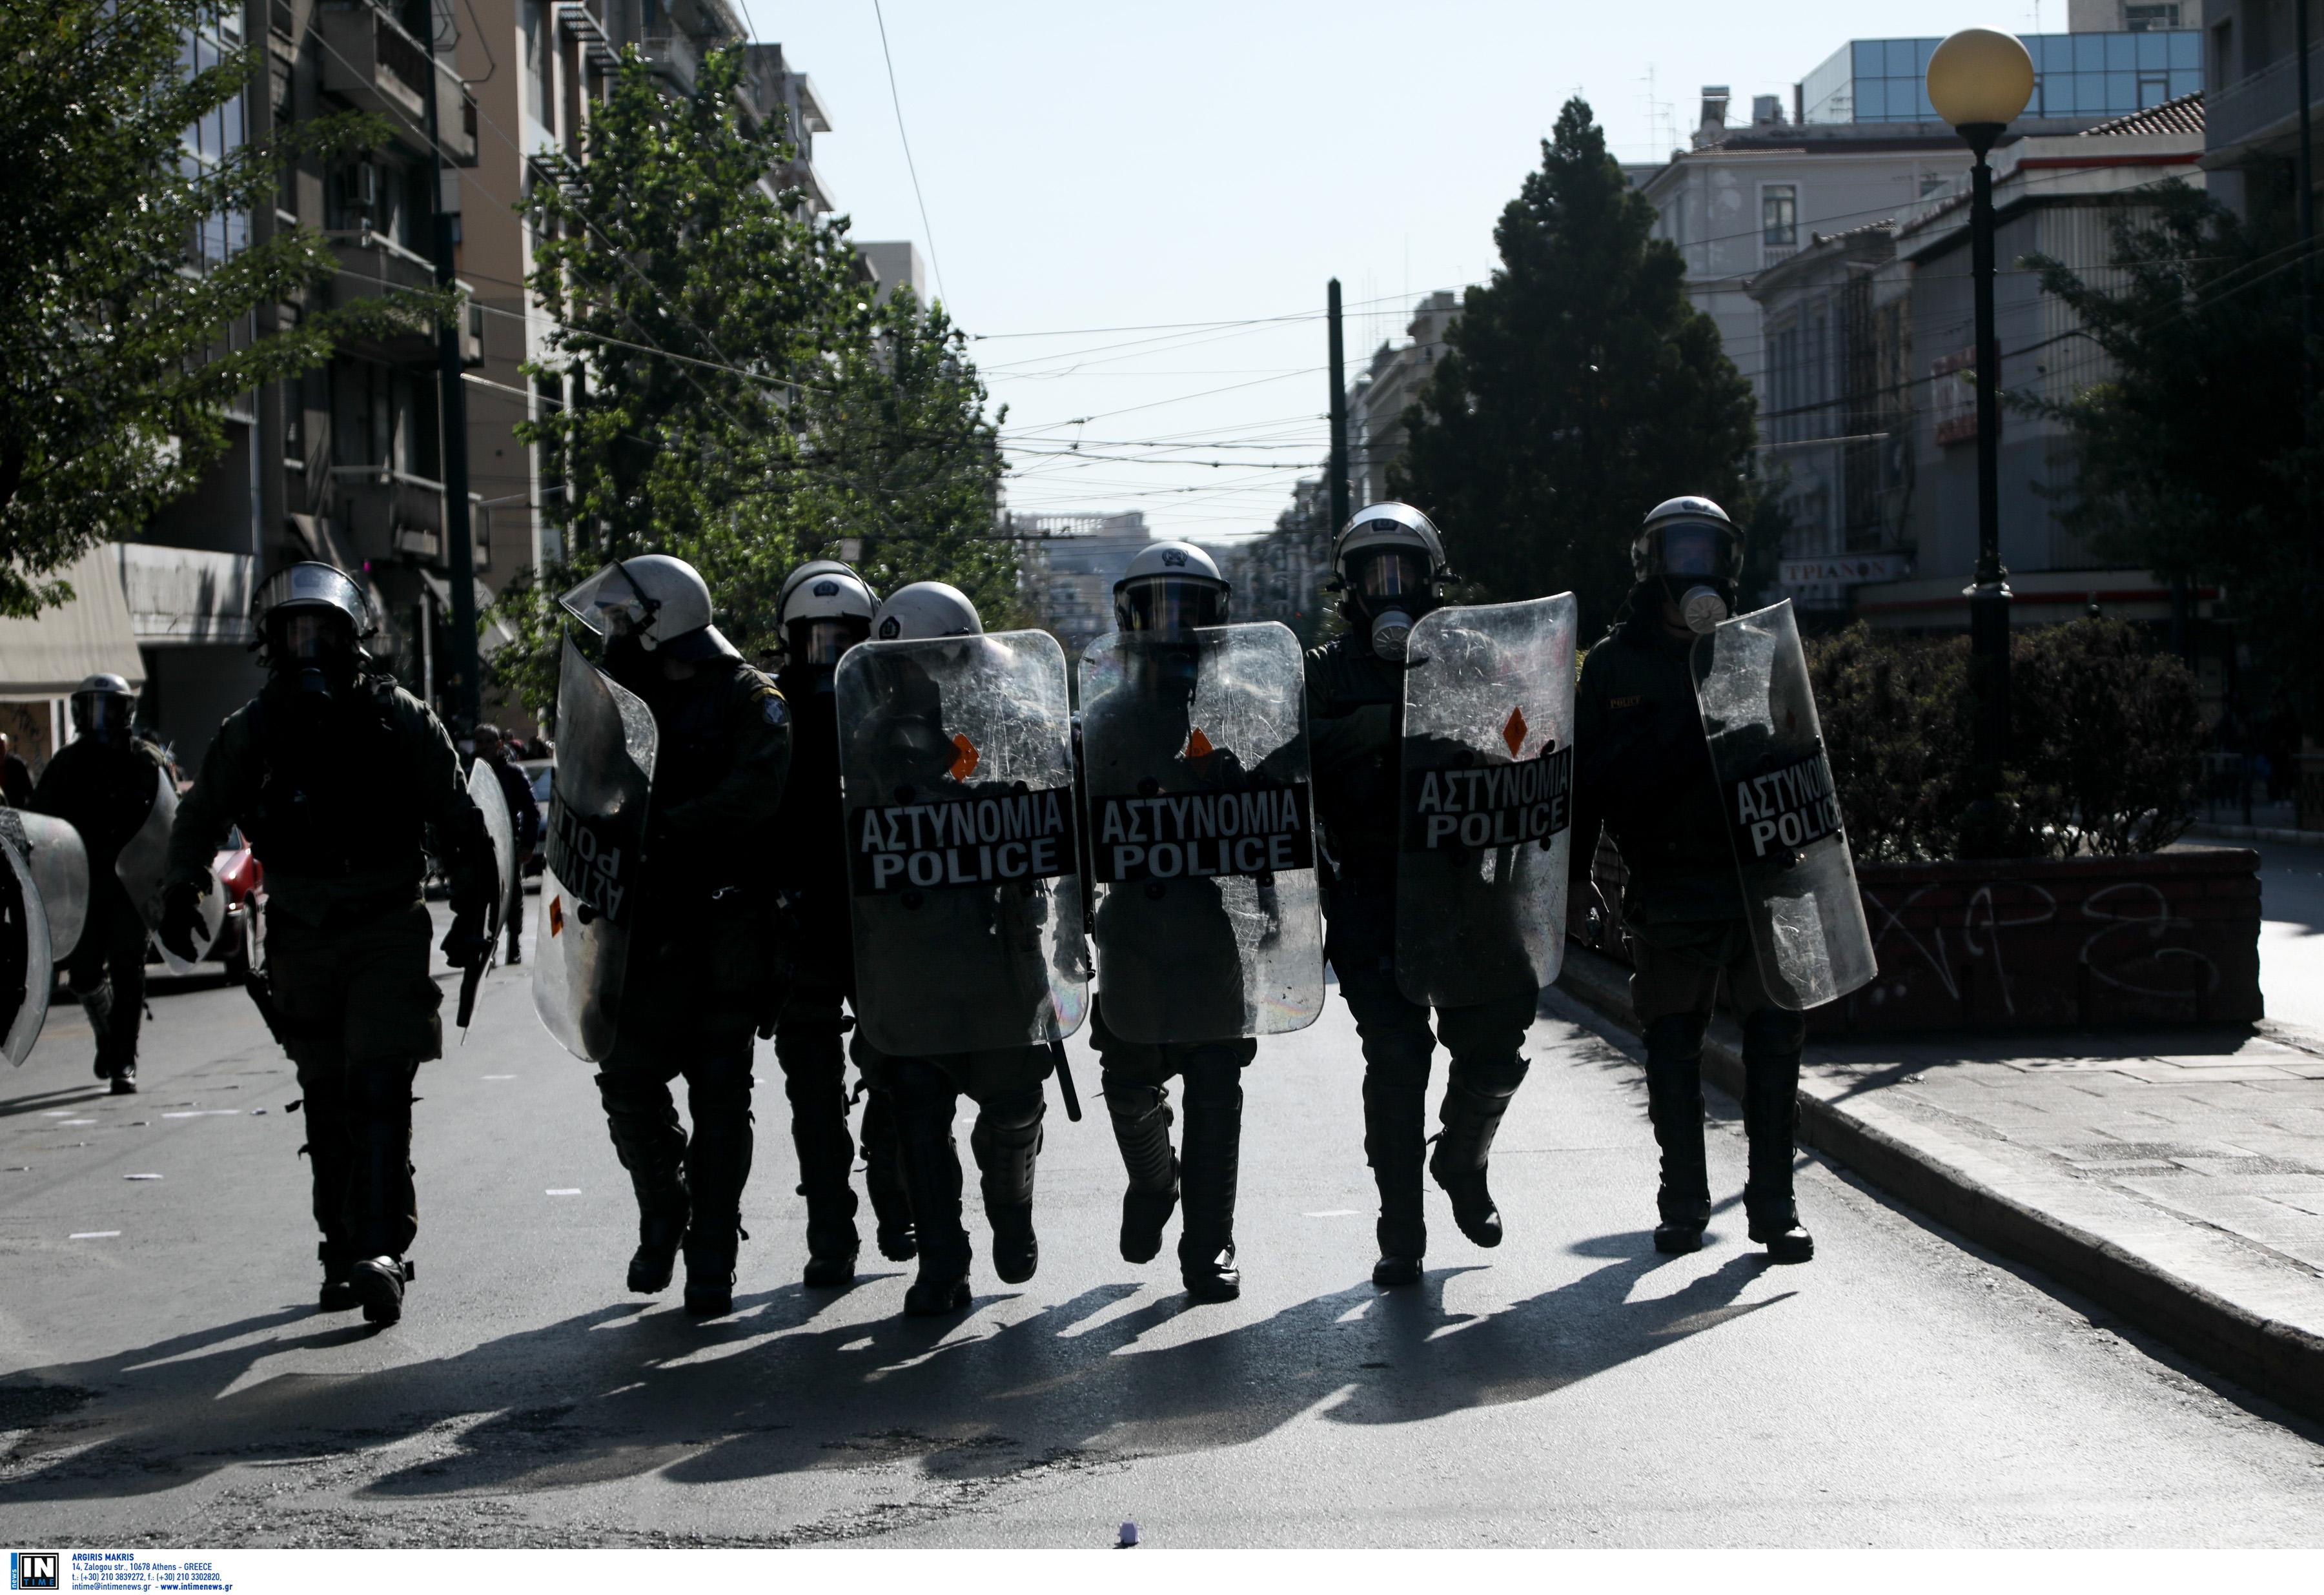 «Κάστρο» η Αθήνα για την επέτειο της δολοφονίας Γρηγορόπουλου - Ελικόπτερα, drone και 3.000 αστυνομικοί επί ποδός